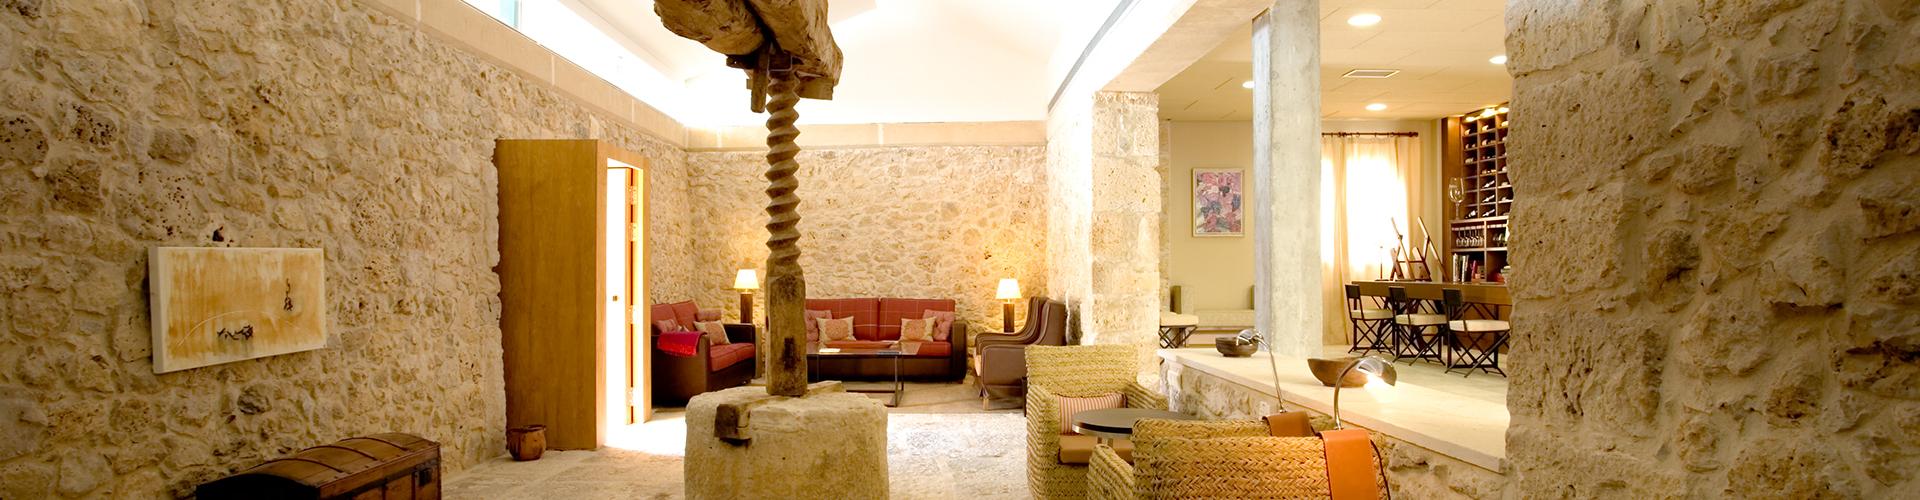 LAVIDA VINO-SPA HOTEL (2)